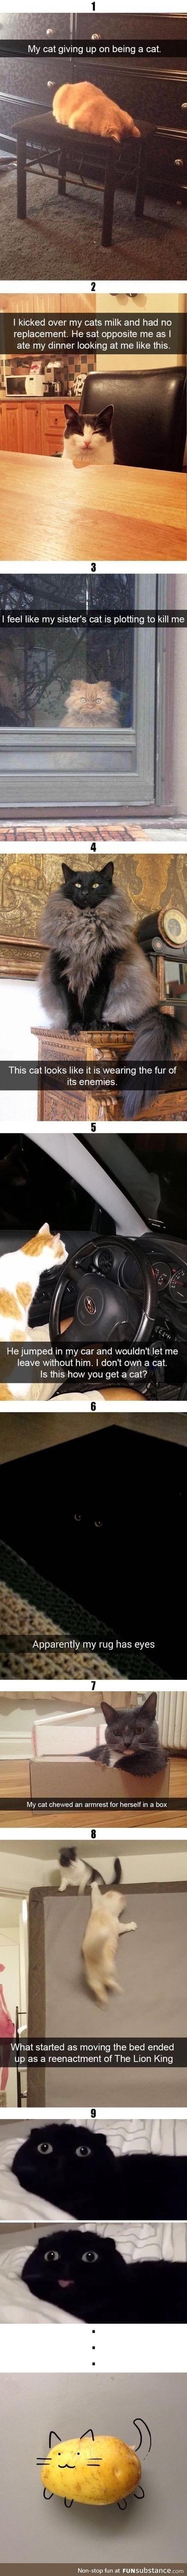 Cats doing weird thing